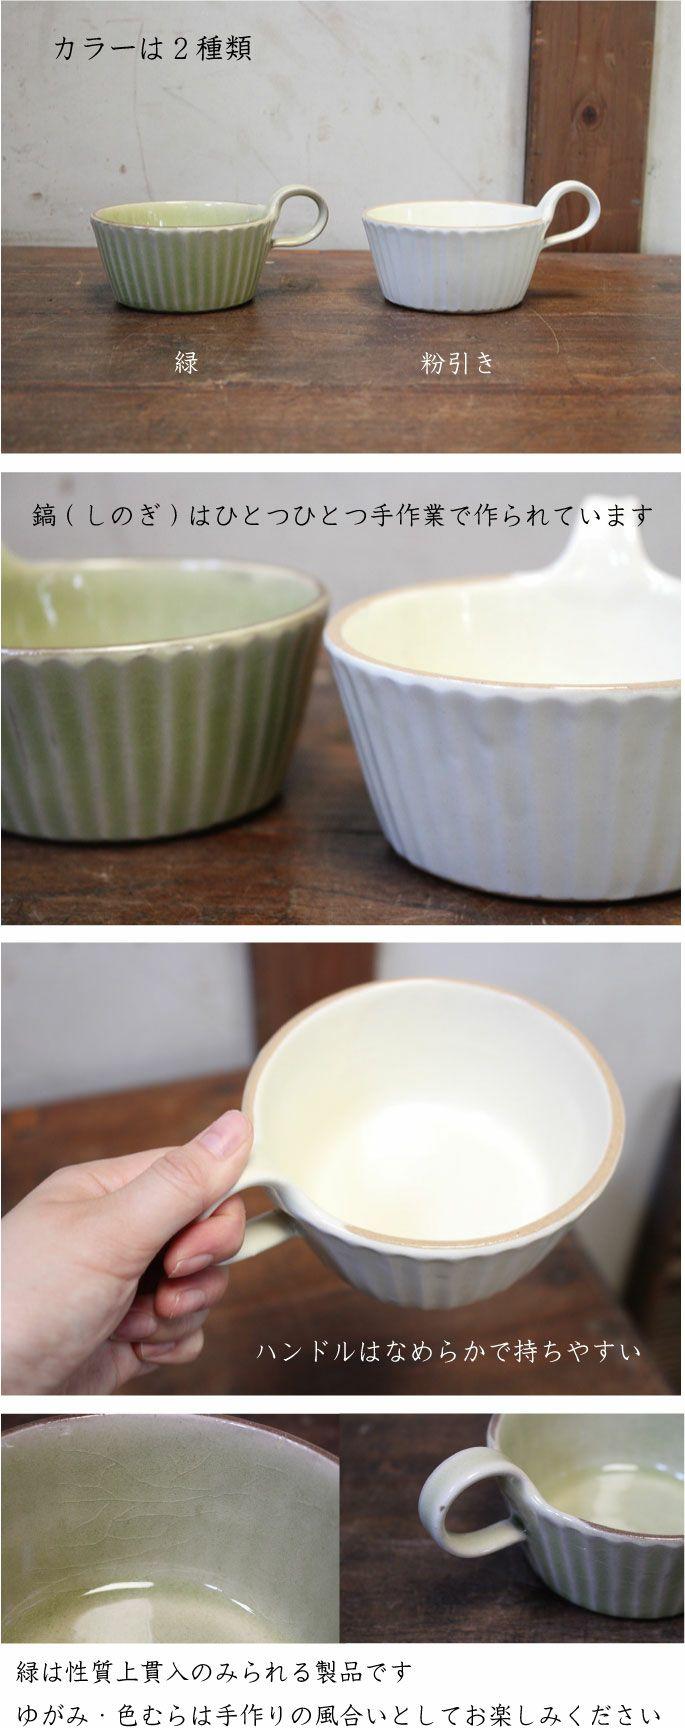 益子焼・カラーしのぎスープカップ